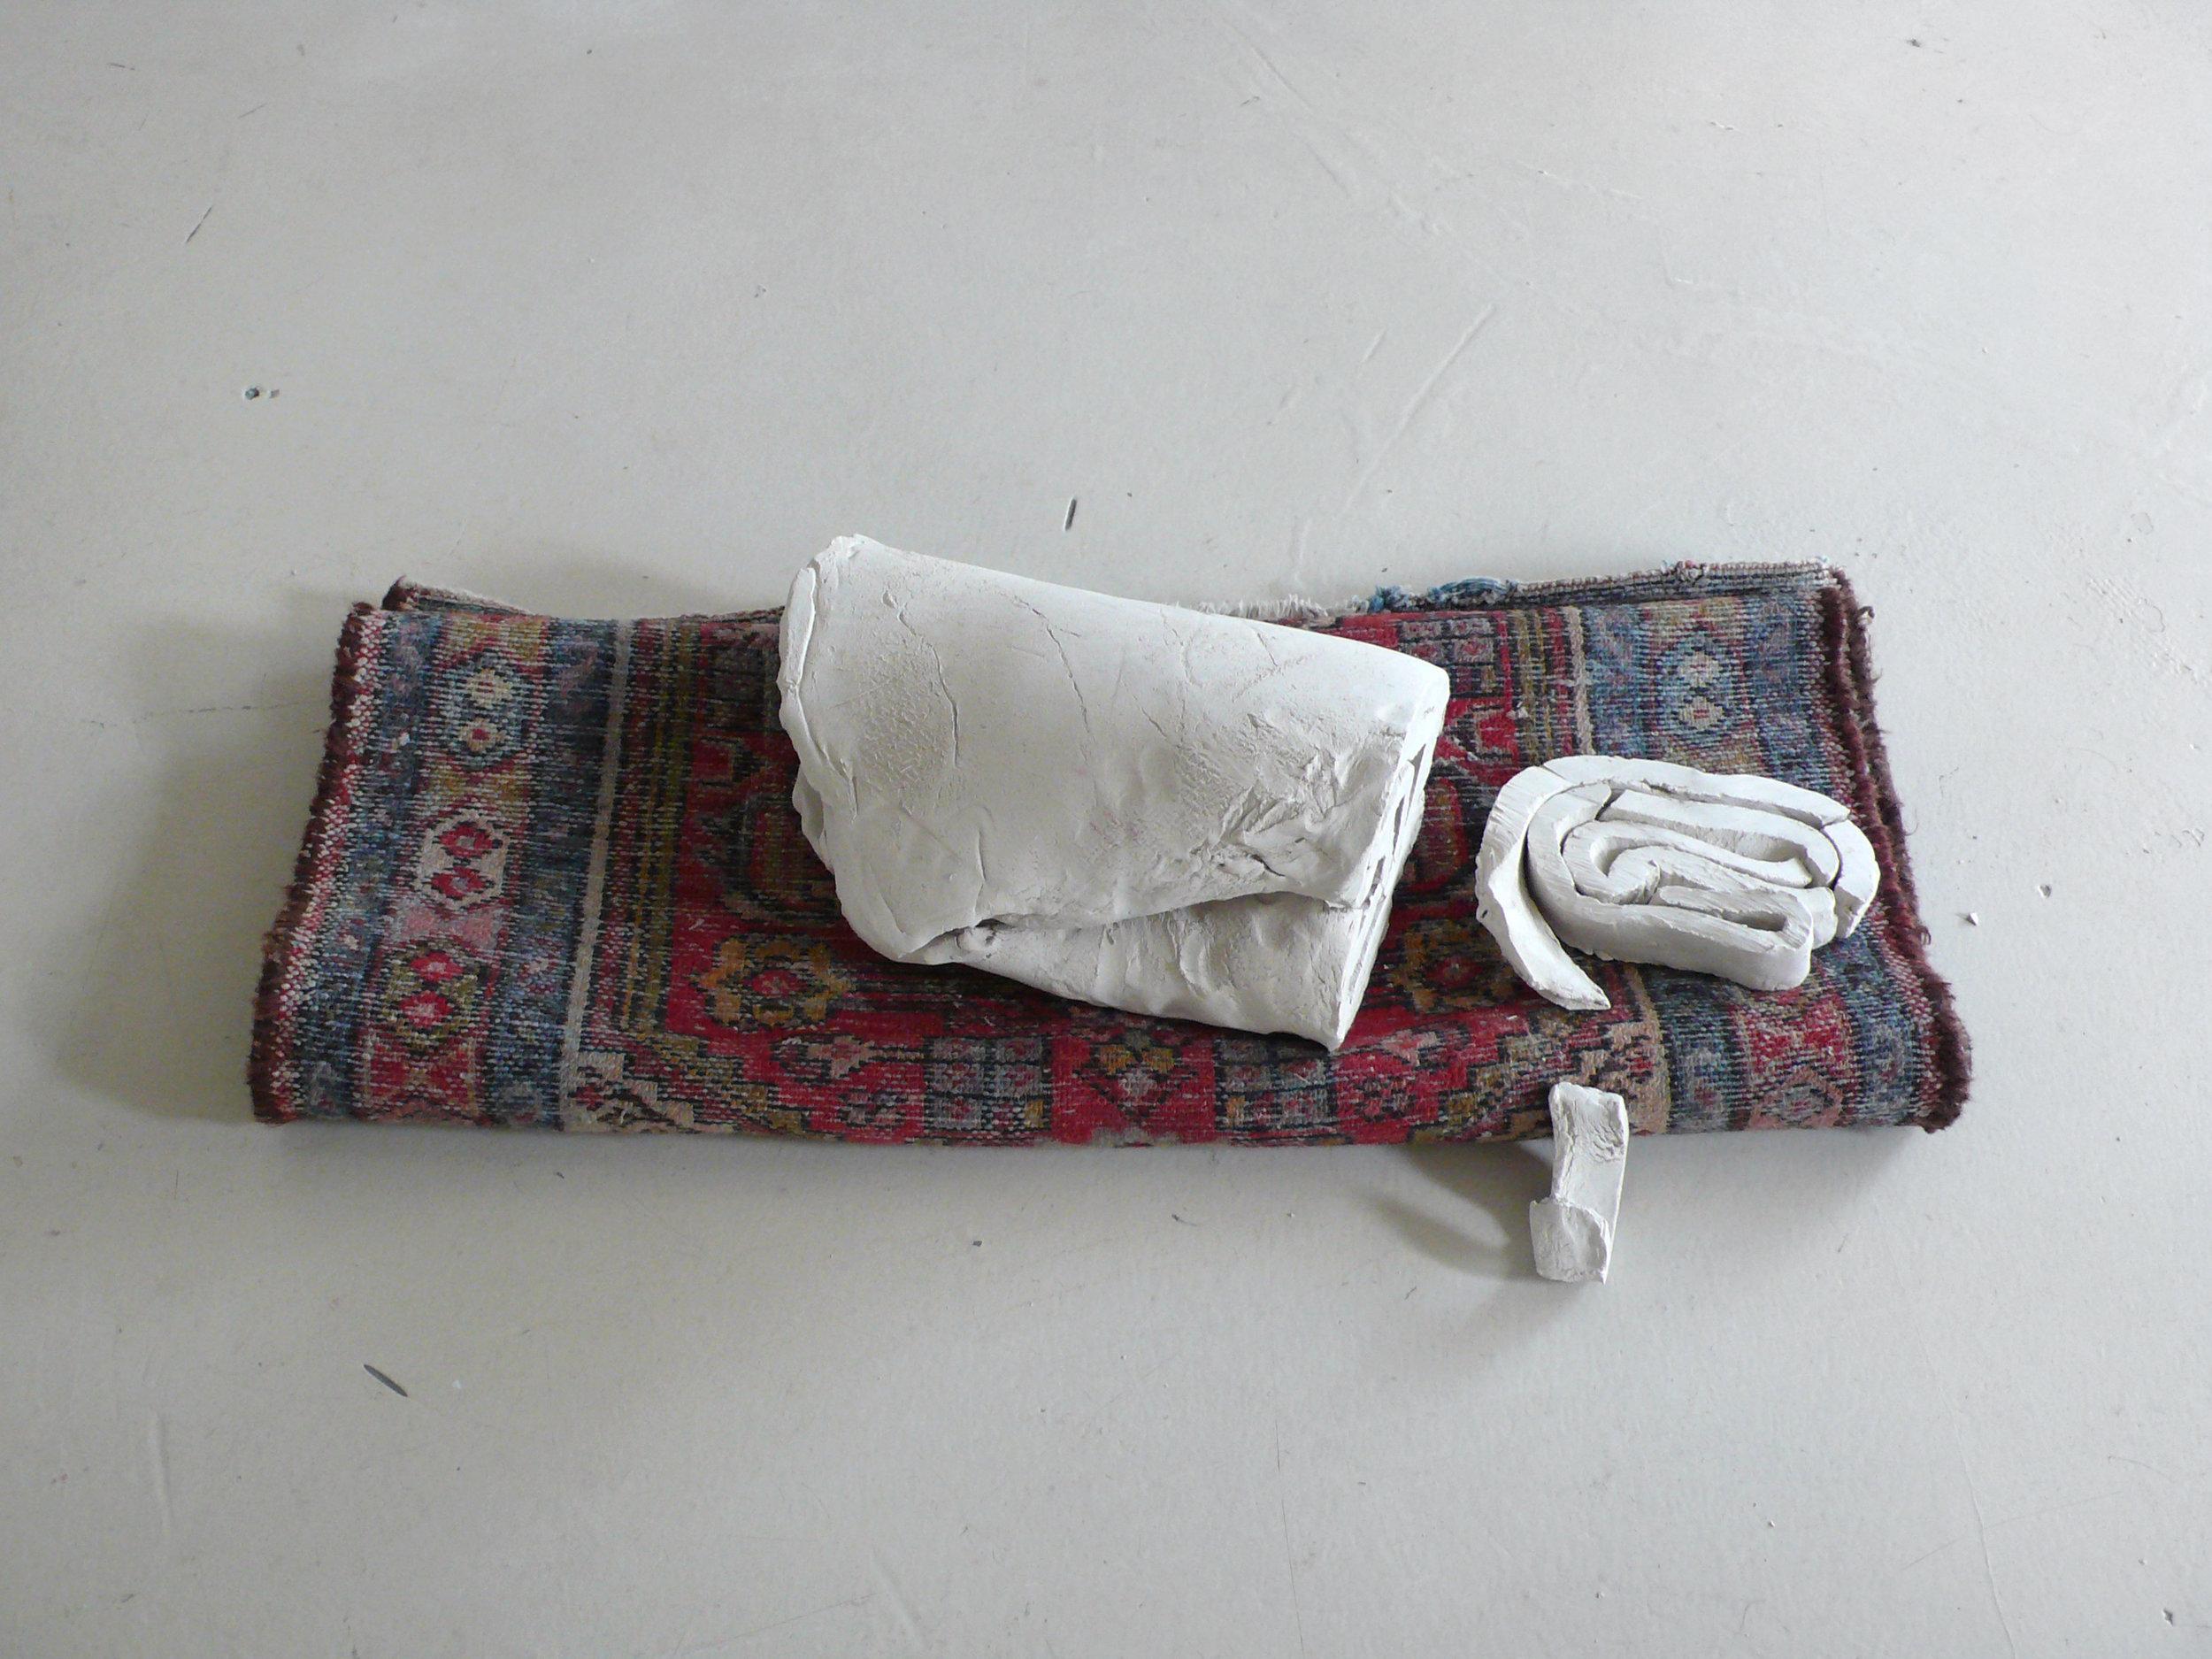 Ohne Titel, 2010 ungebrannter Ton, Teppich ca. 30 x 80 x 30 cm